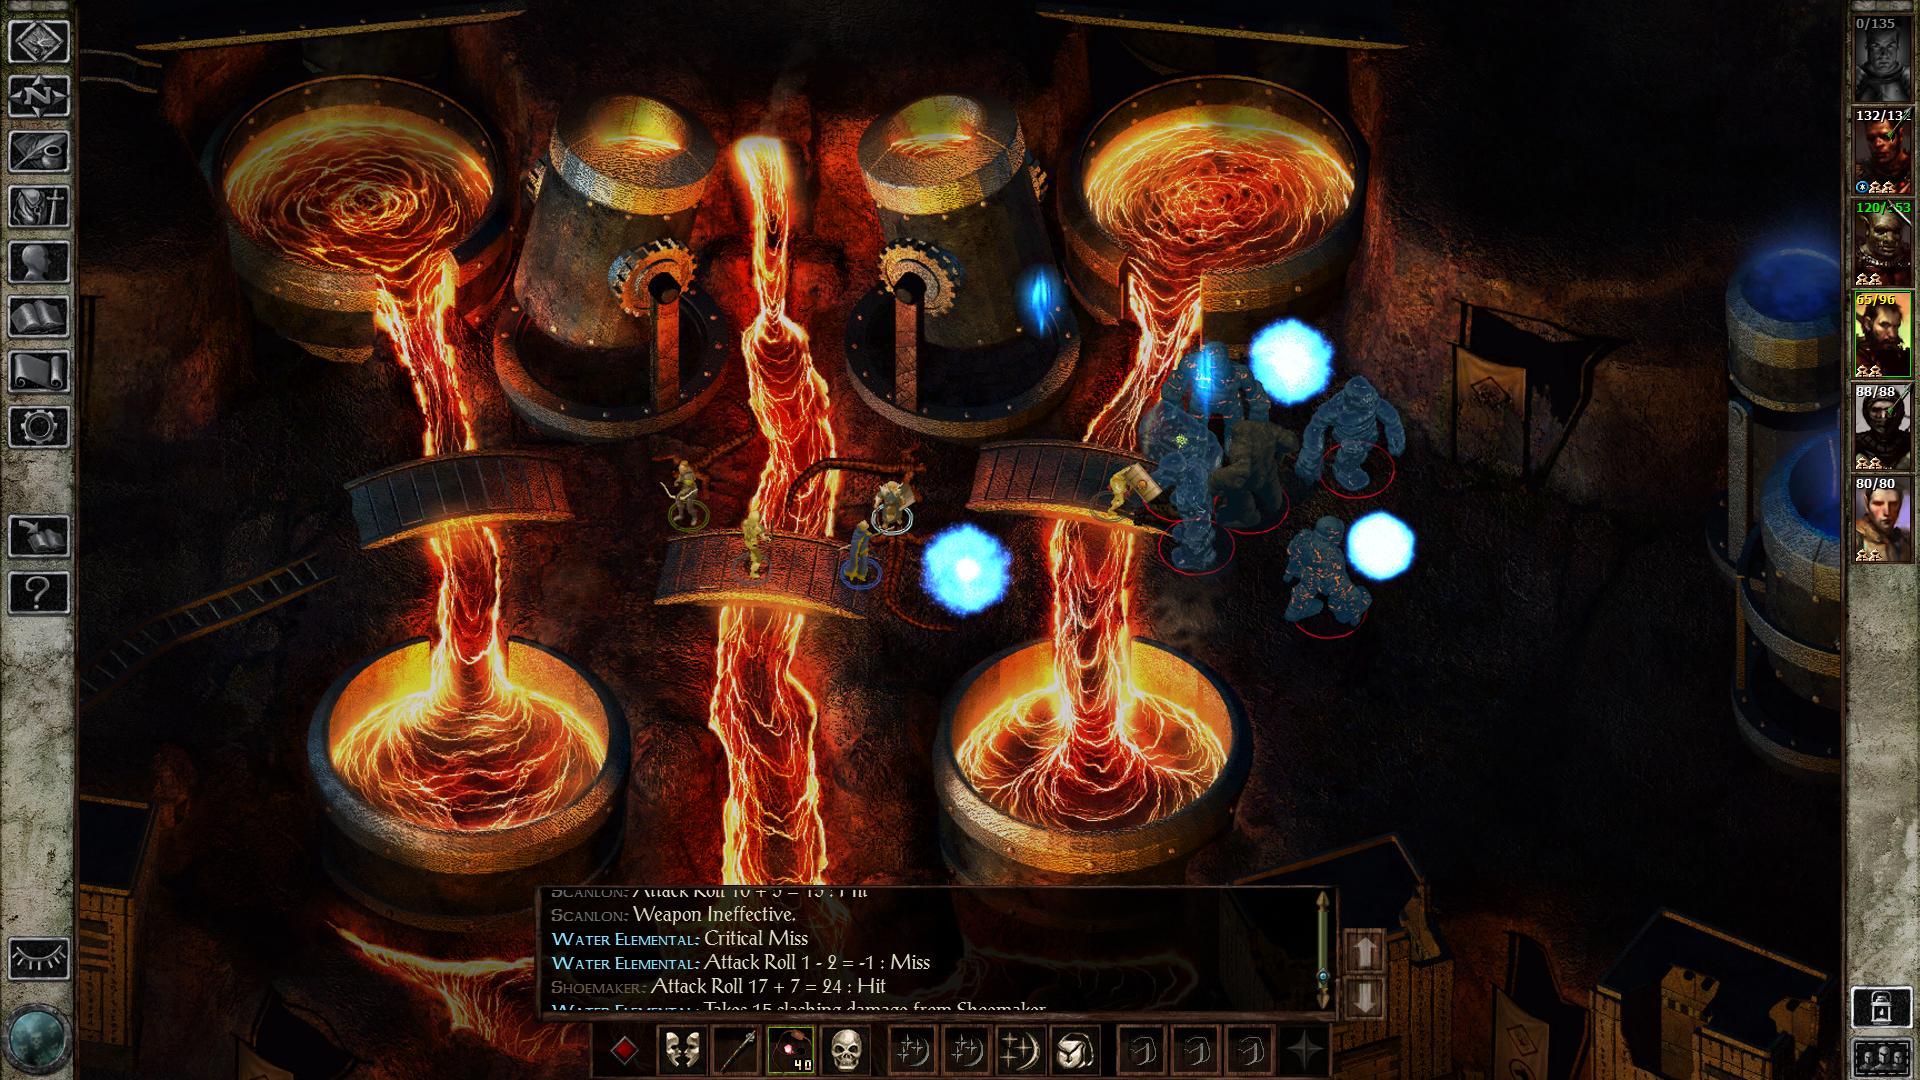 Rollenspiel: Icewind Dale mit neuen alten Quests - Icewind Dale Enhanced Edition (Bilder: Beamdog)